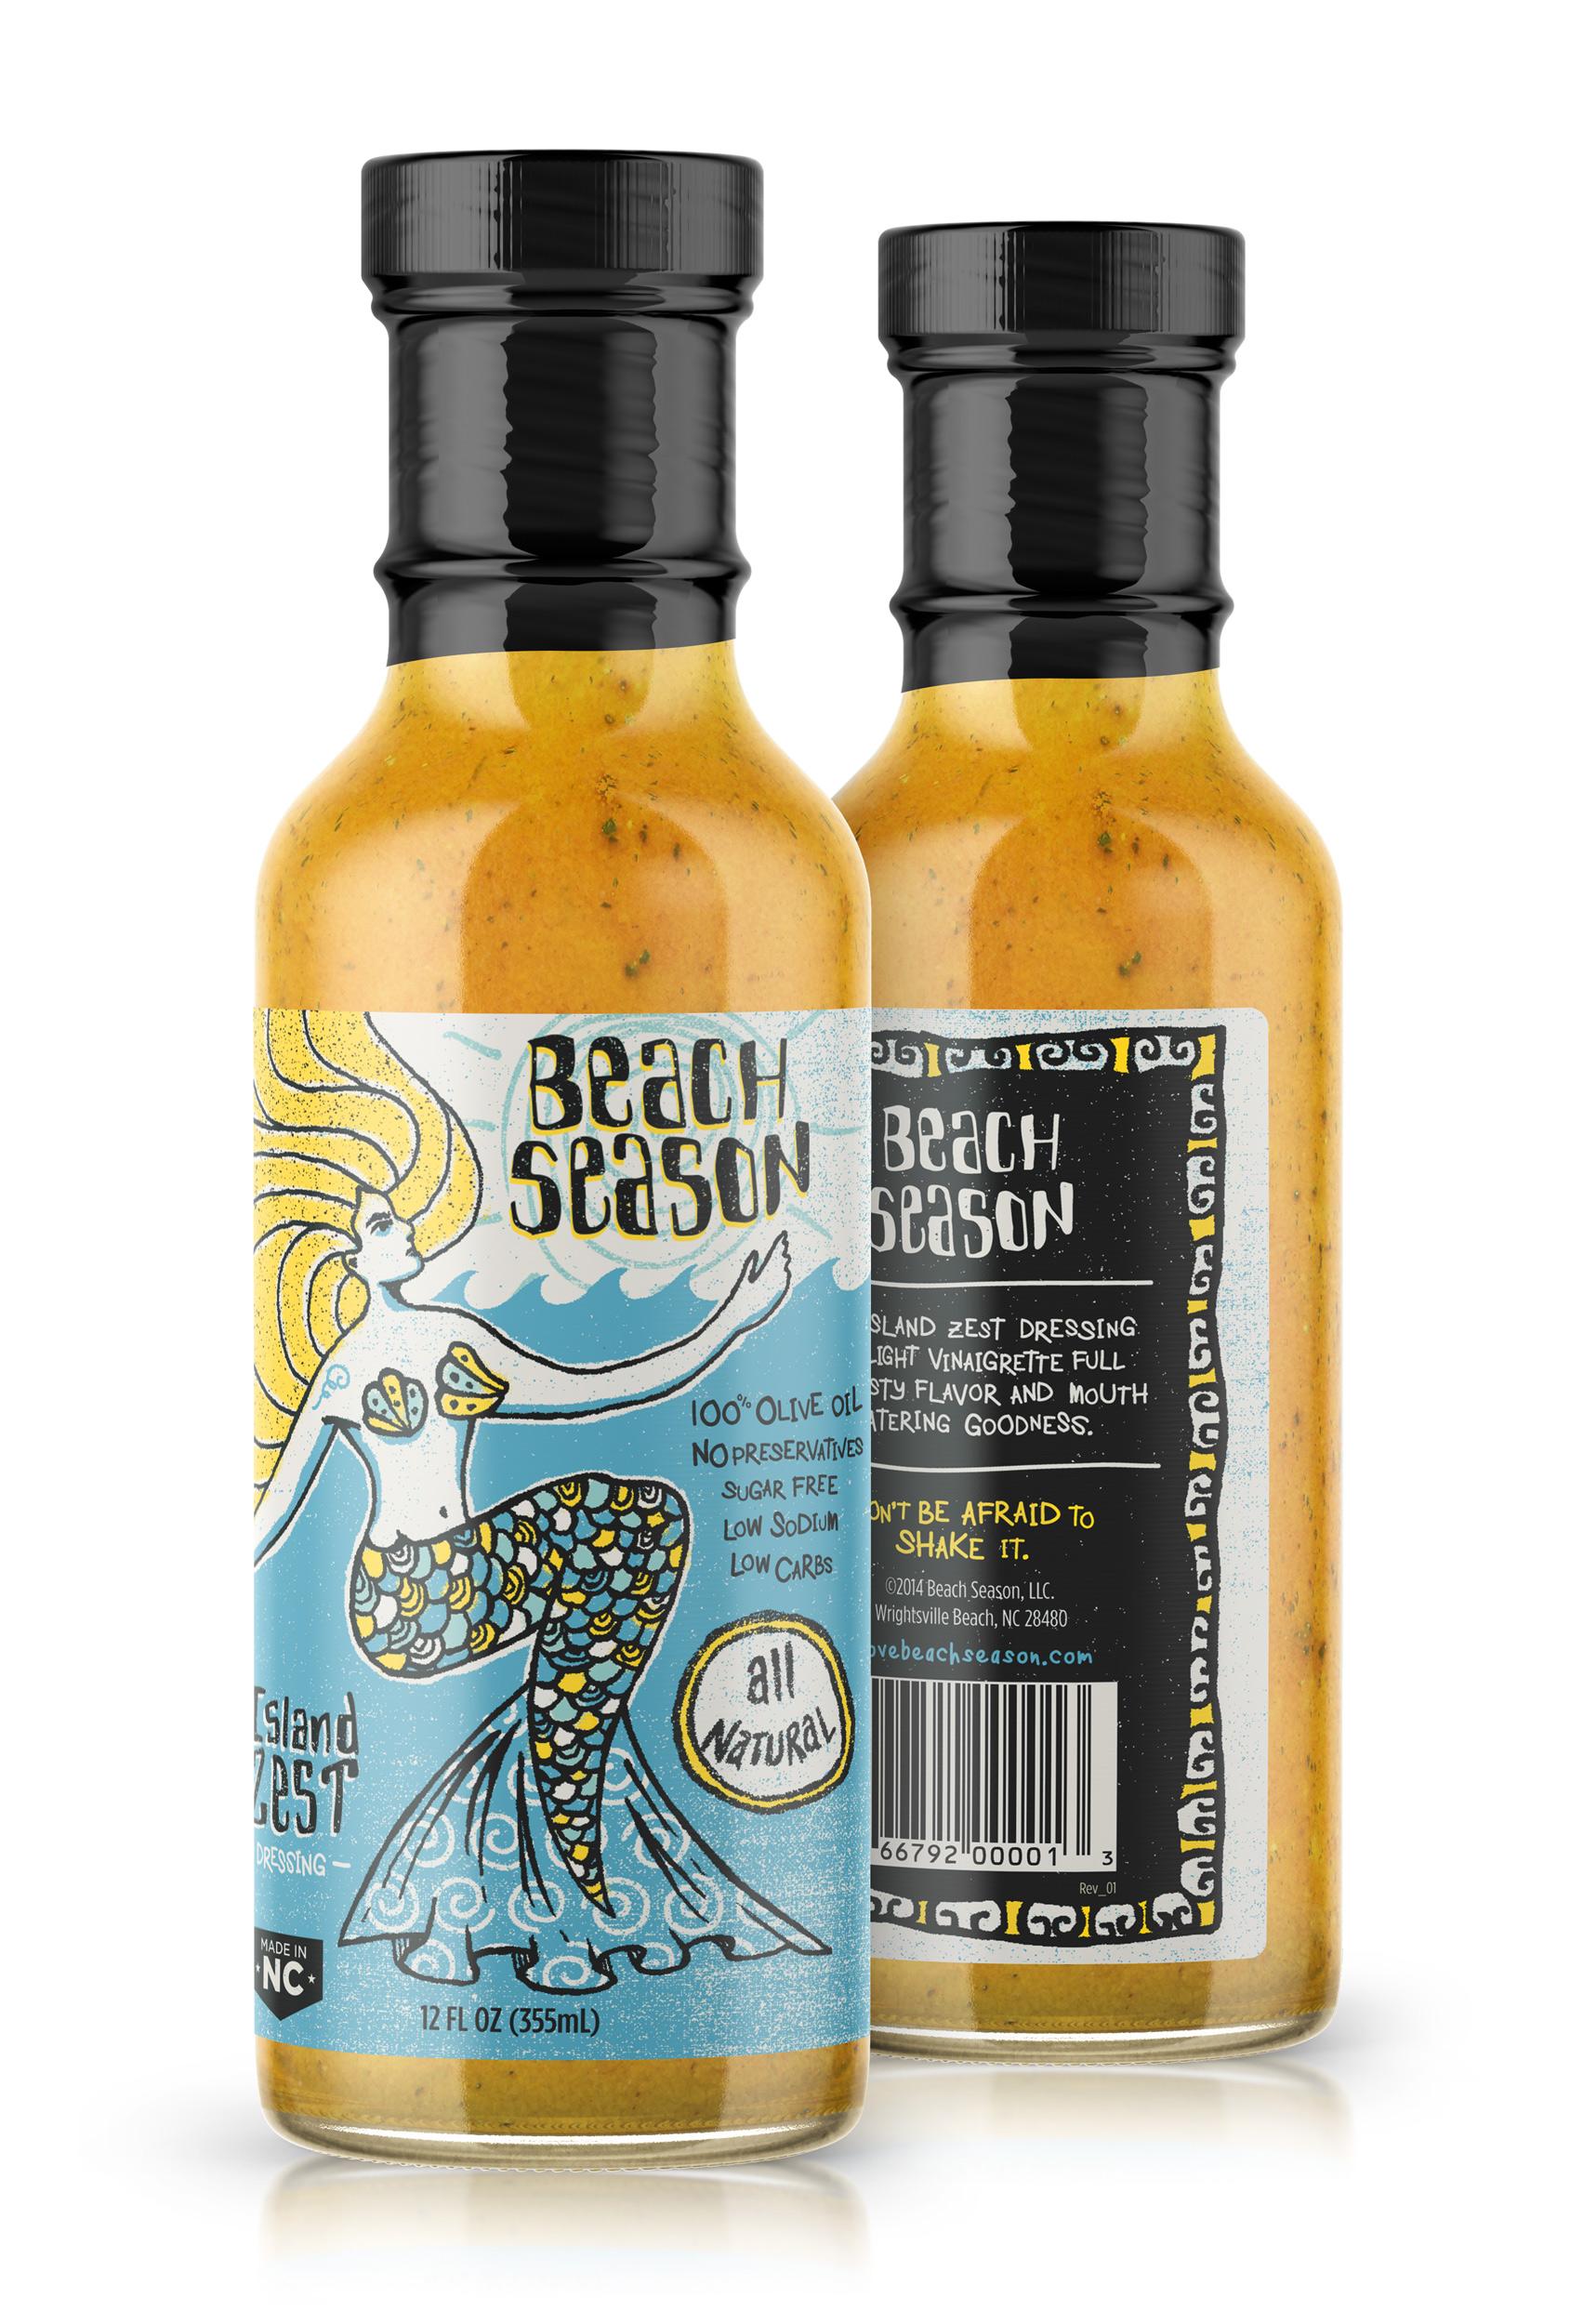 beachseason_bottle_2up.jpg